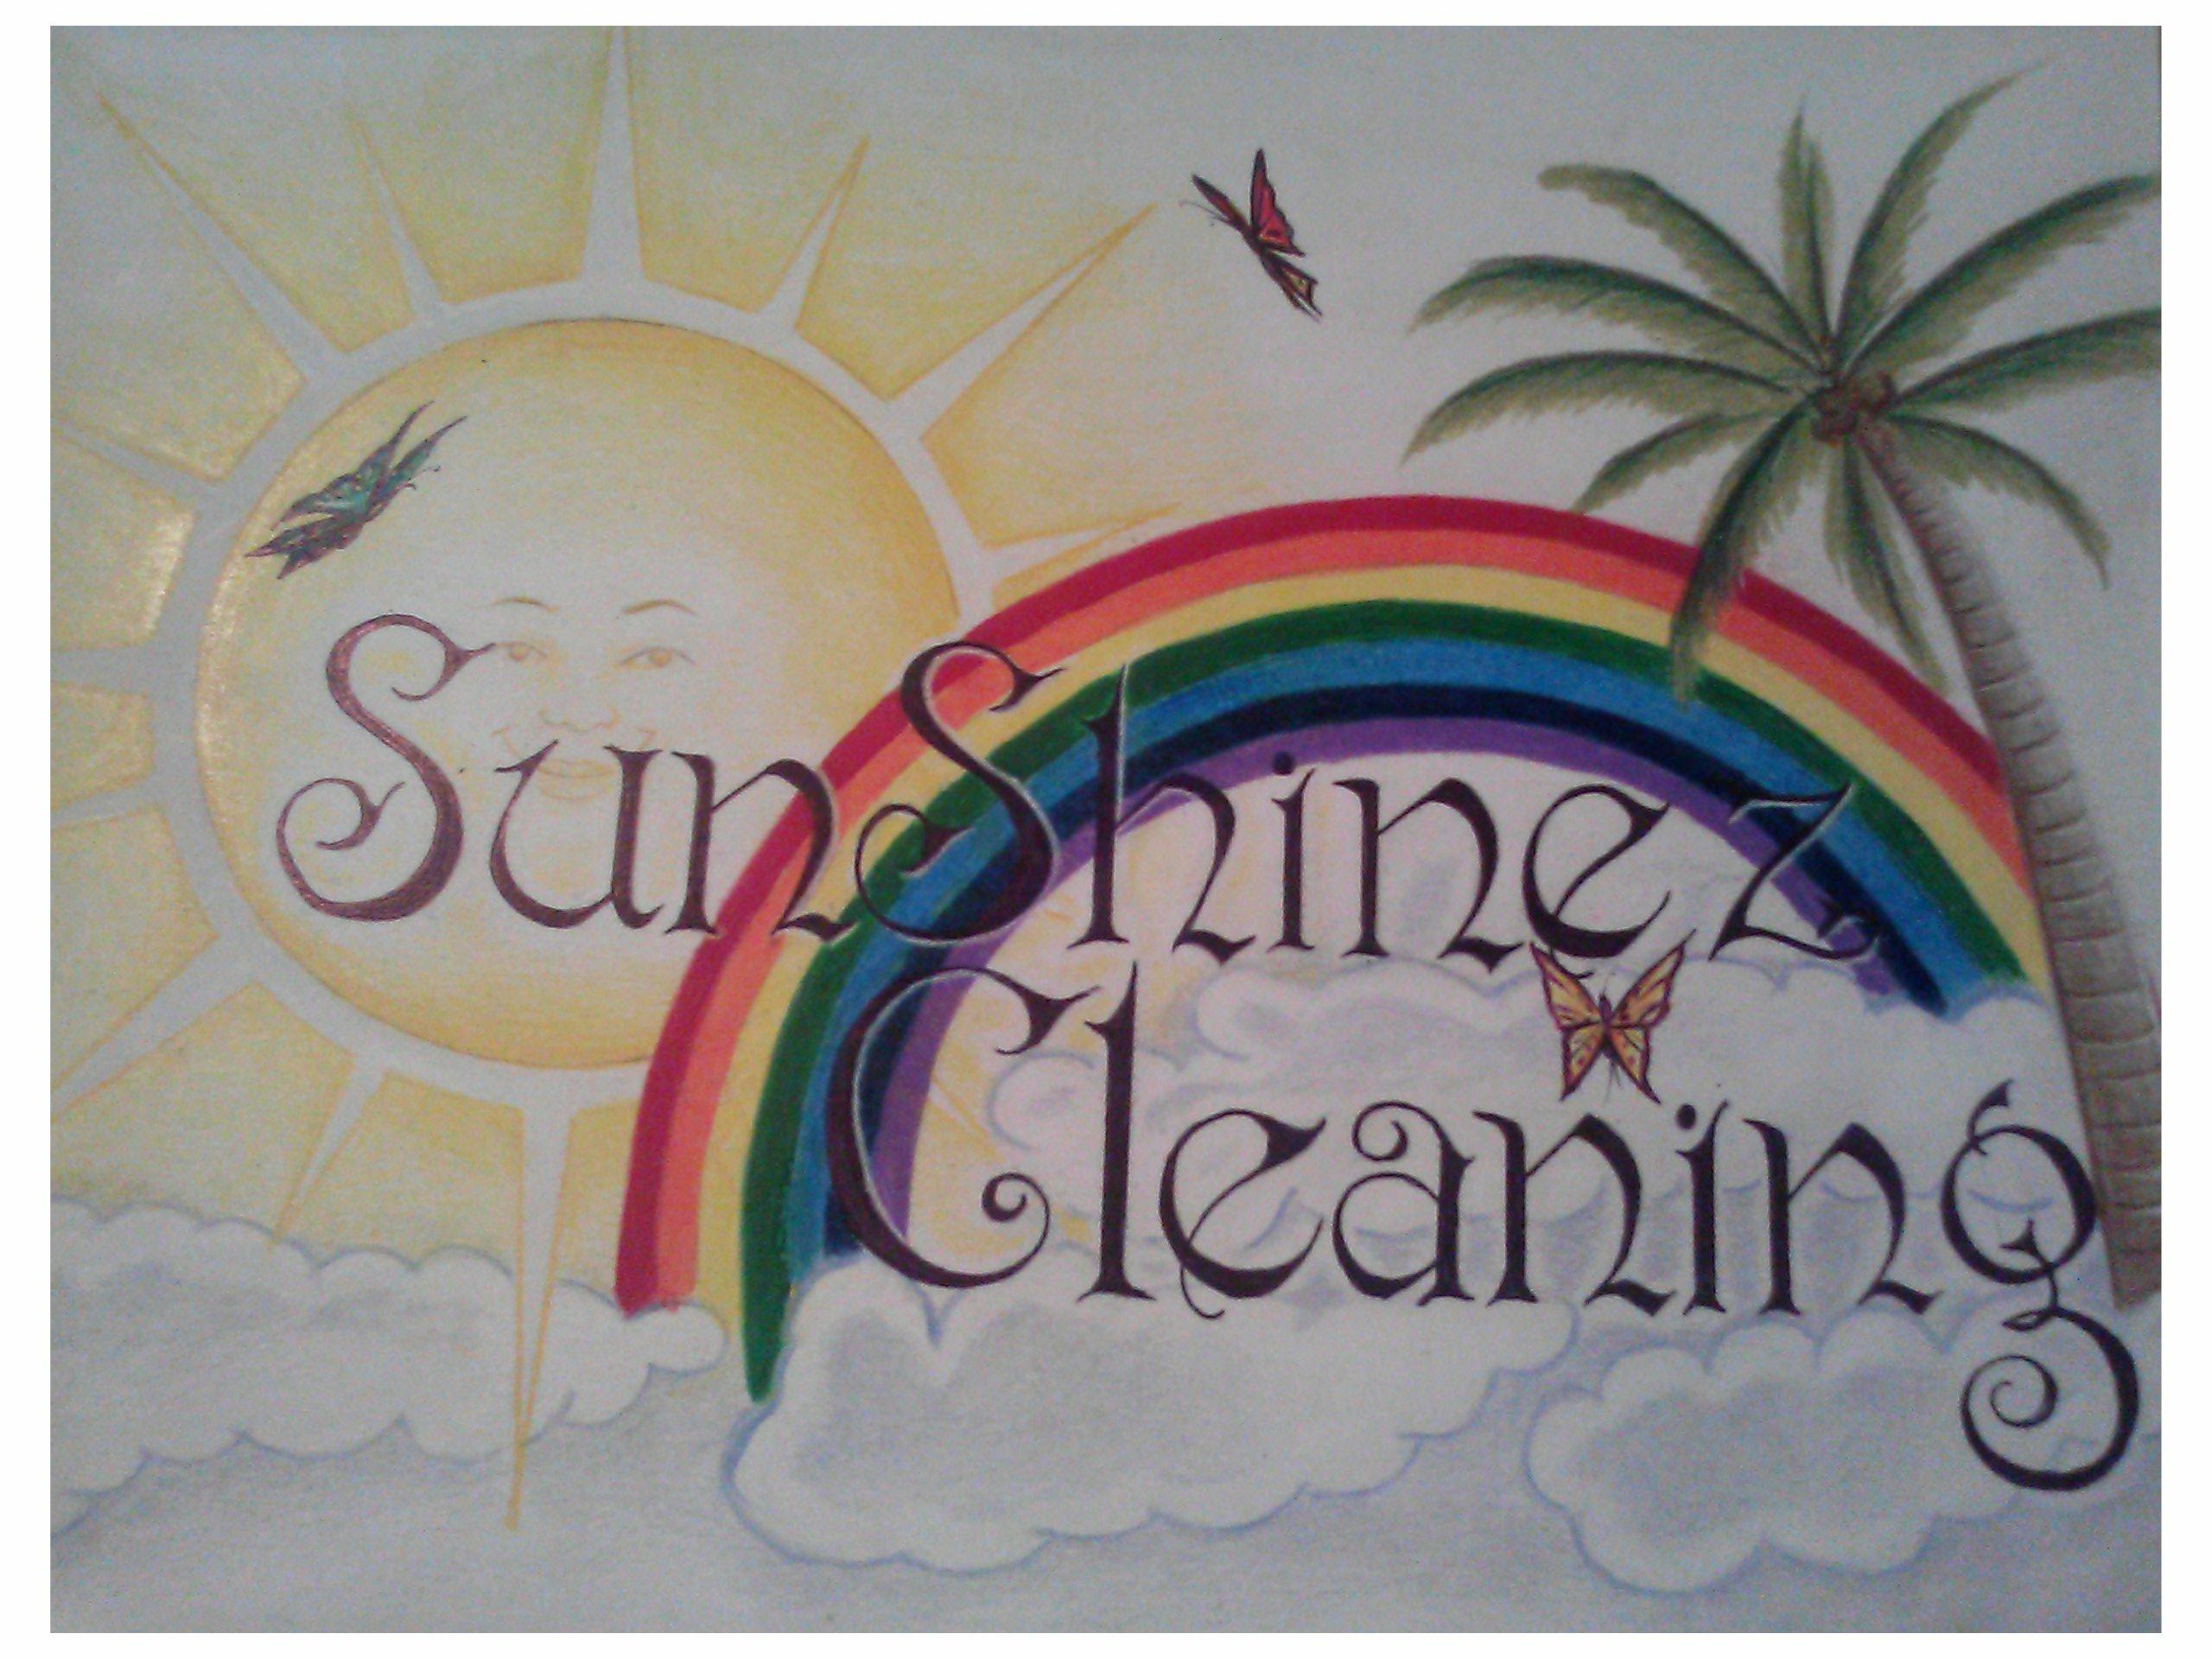 Sunshinez Cleaning